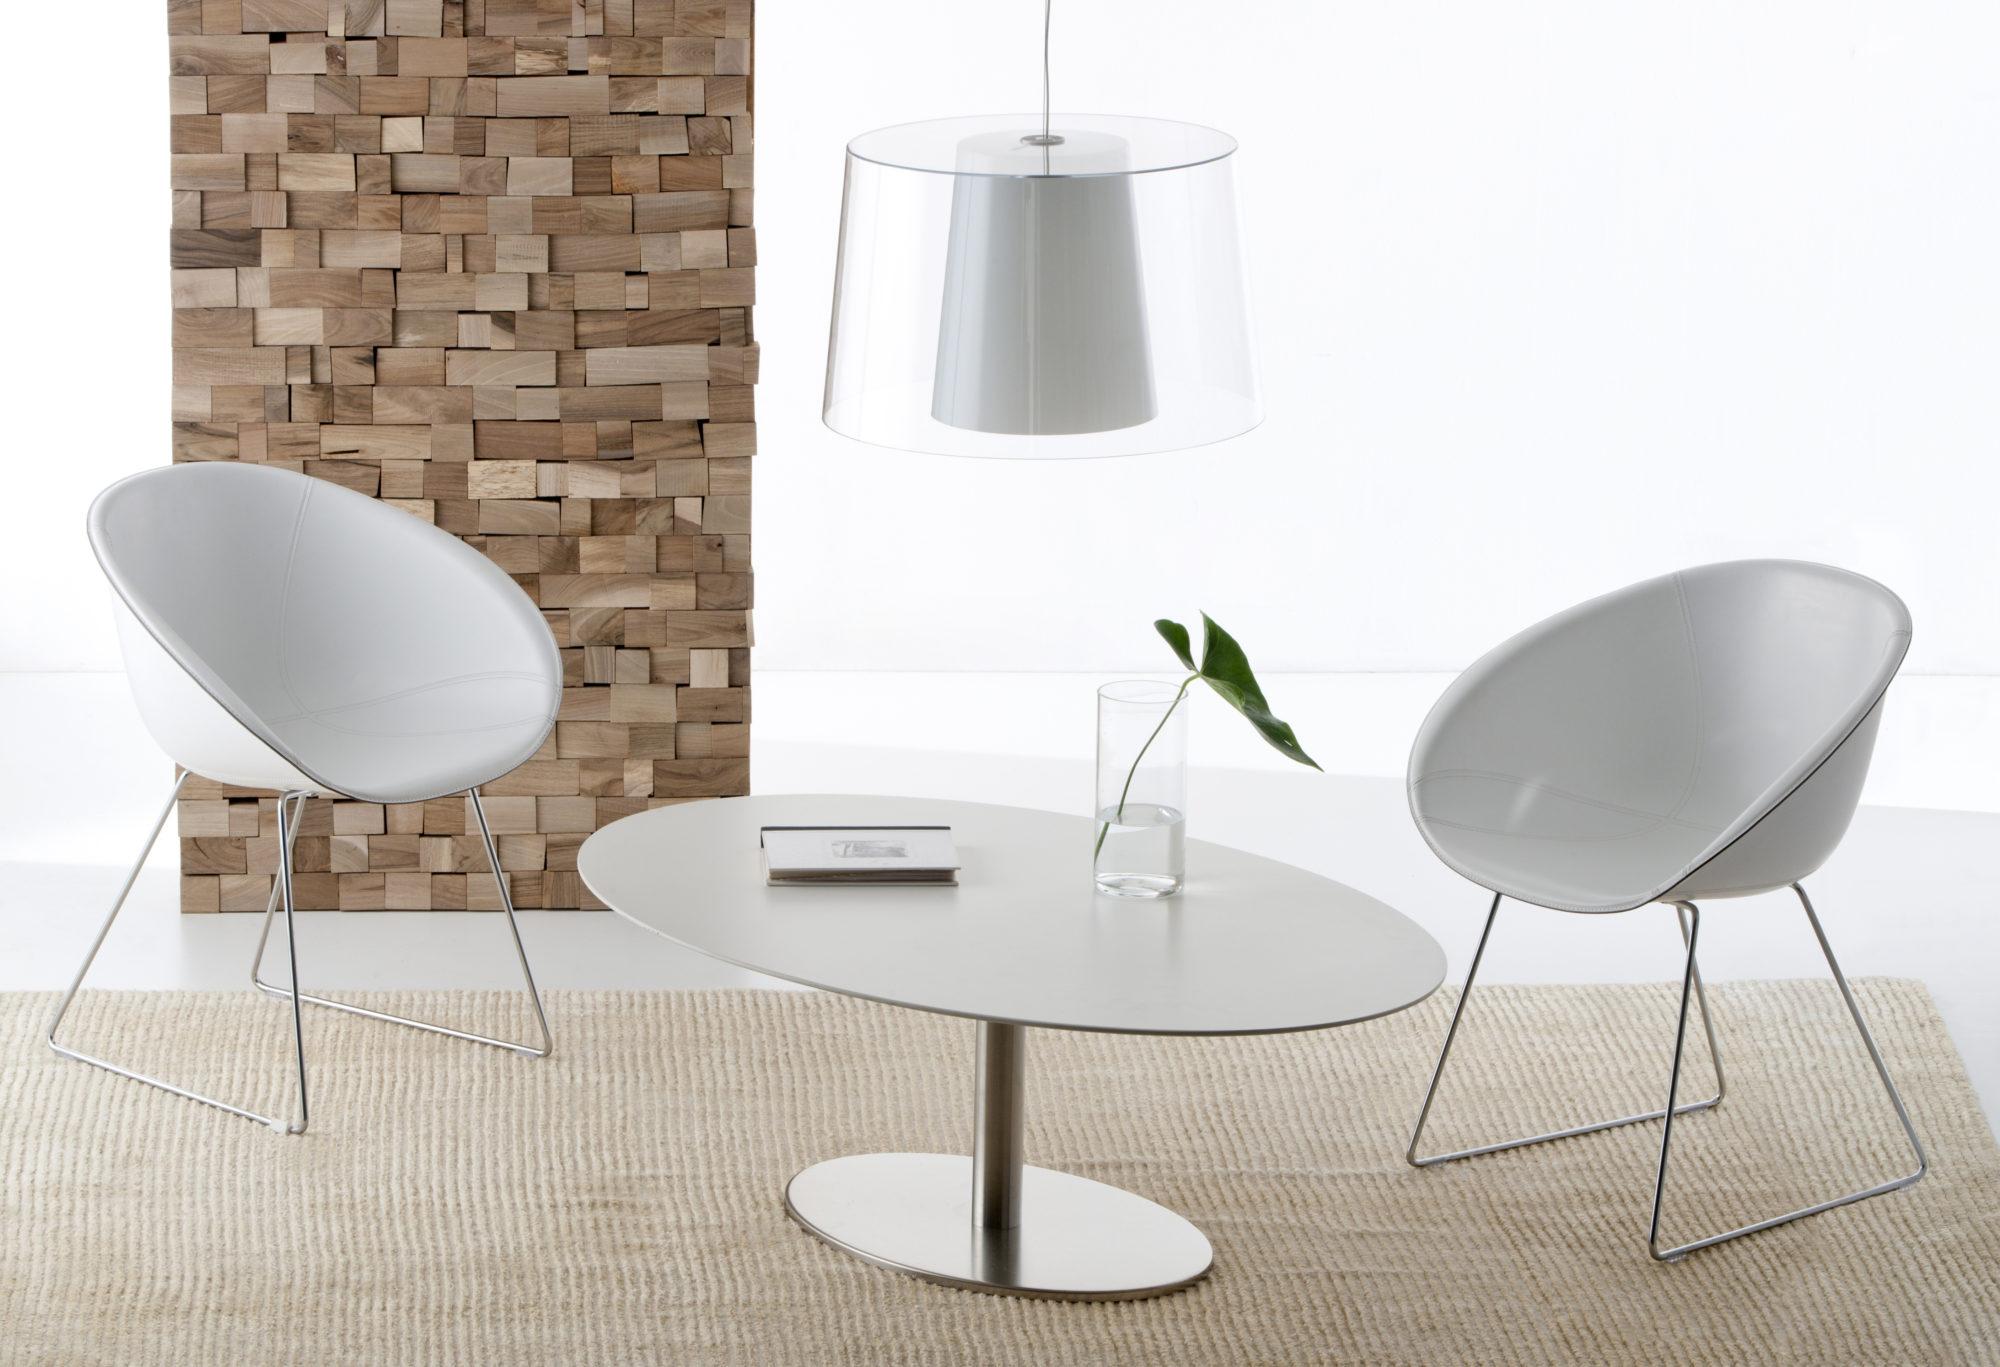 Sedia gliss tavolo elliptical e lampada l001s fotografo for Pedrali arredamento